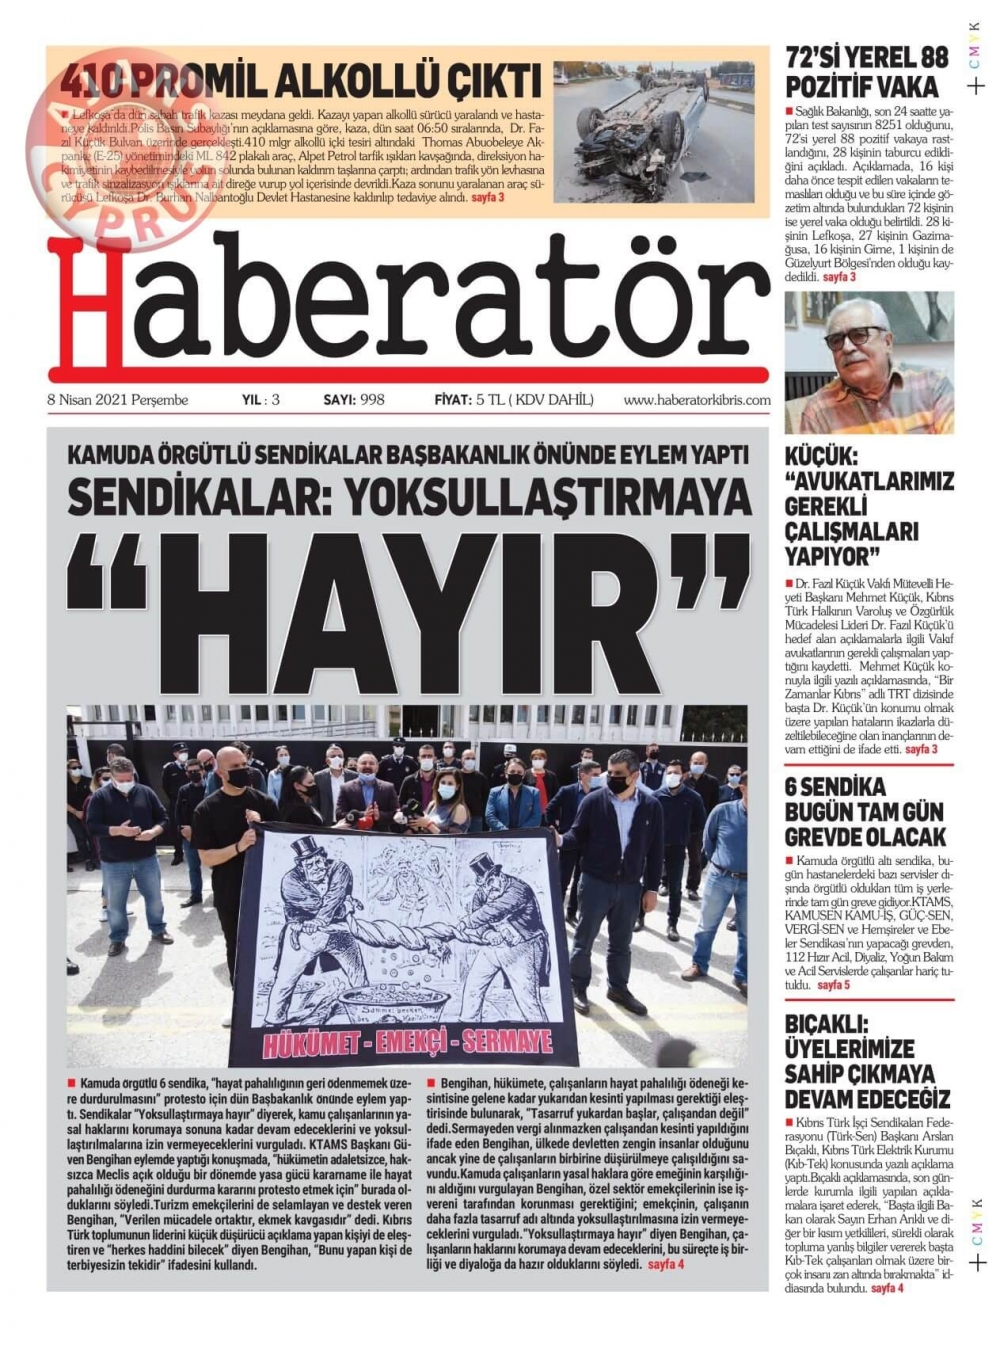 KKTC'de Gazeteler Bugün Ne Manşet Attı? (8 Nisan 2021) galerisi resim 10